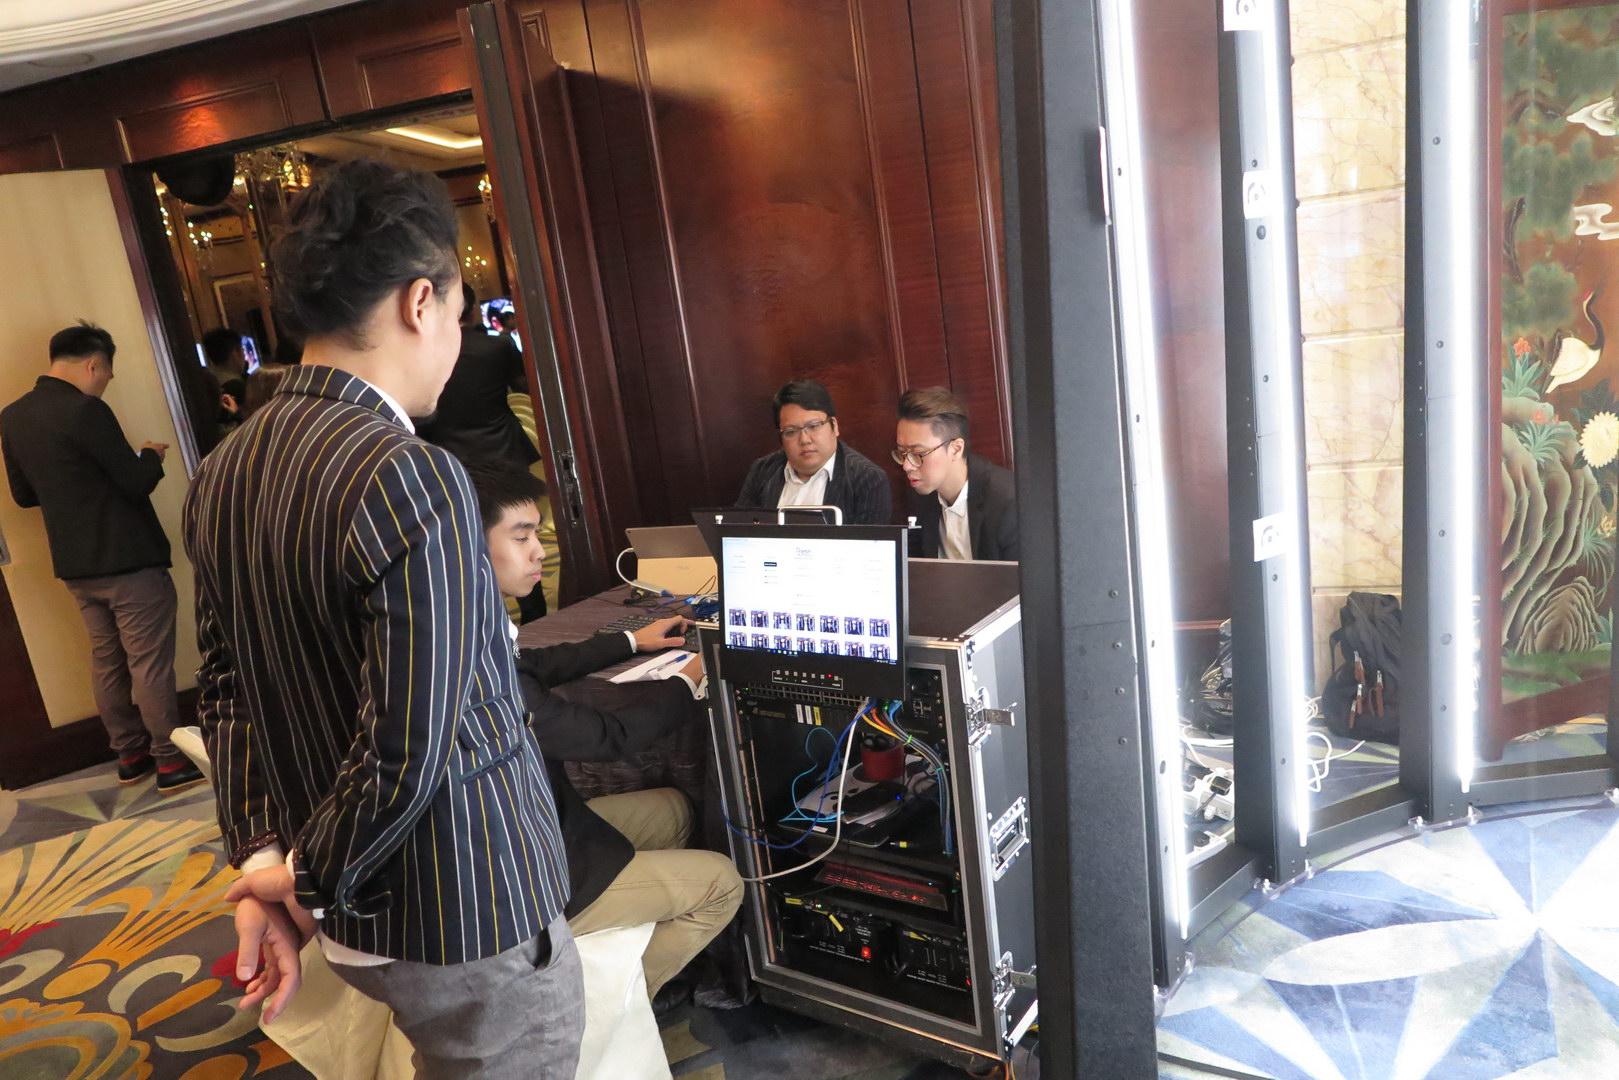 JW Marriott Hoteldebuting QHuman by OepnSky TFI 4